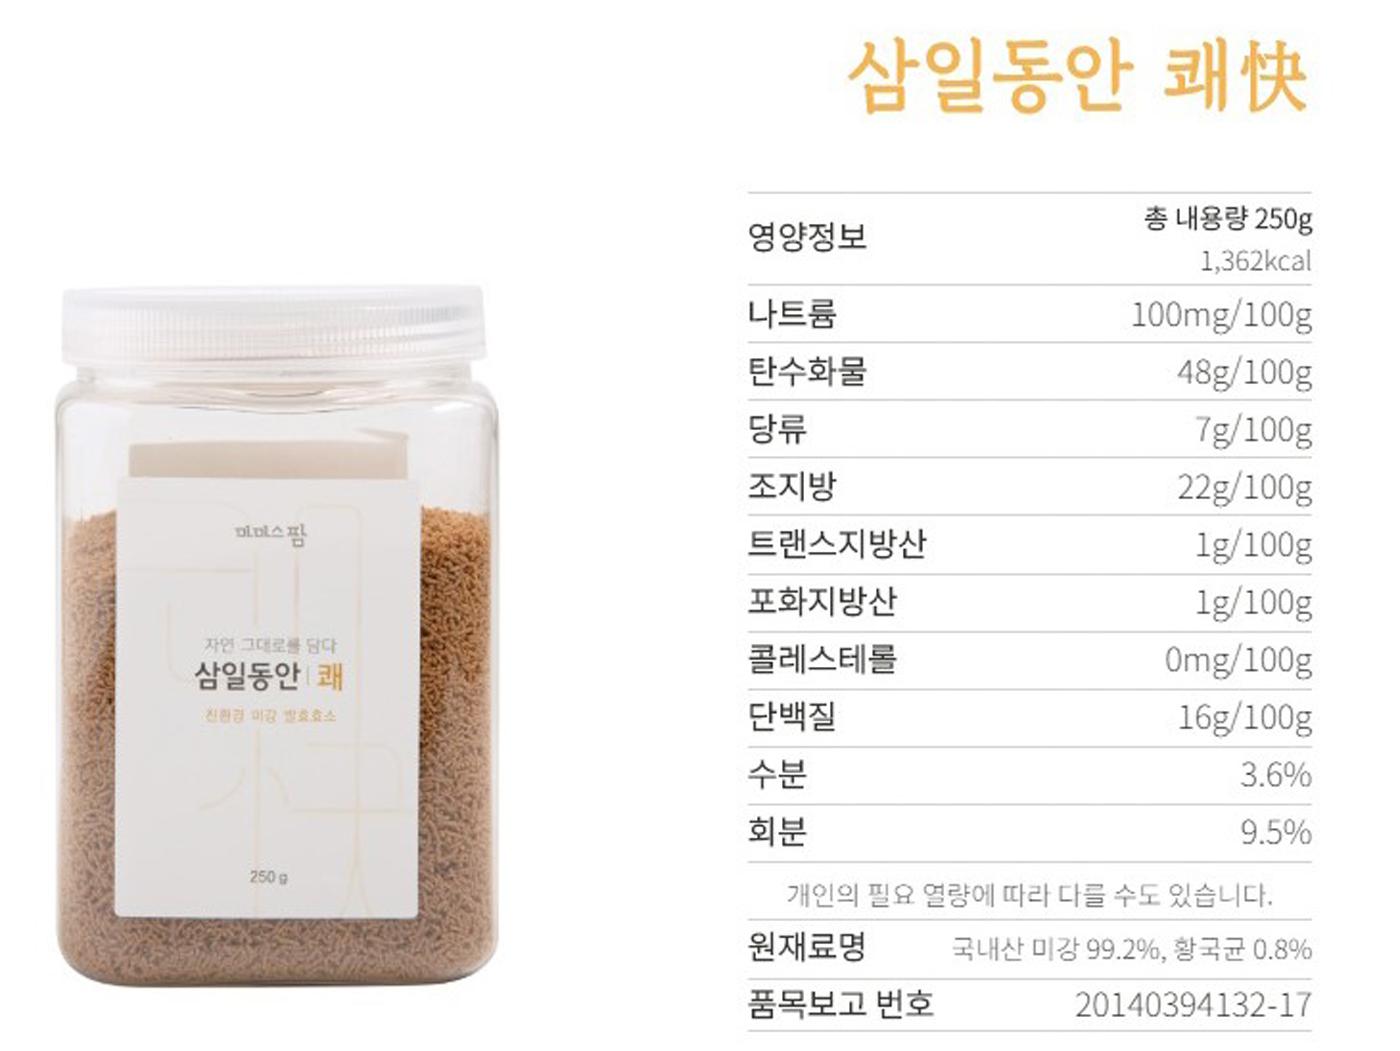 삼일동안 쾌(快) / 식이섬유 영양만점 쌀눈/쌀겨 '미강'으로 만든 발효 효소 가루 - 상품고시정보